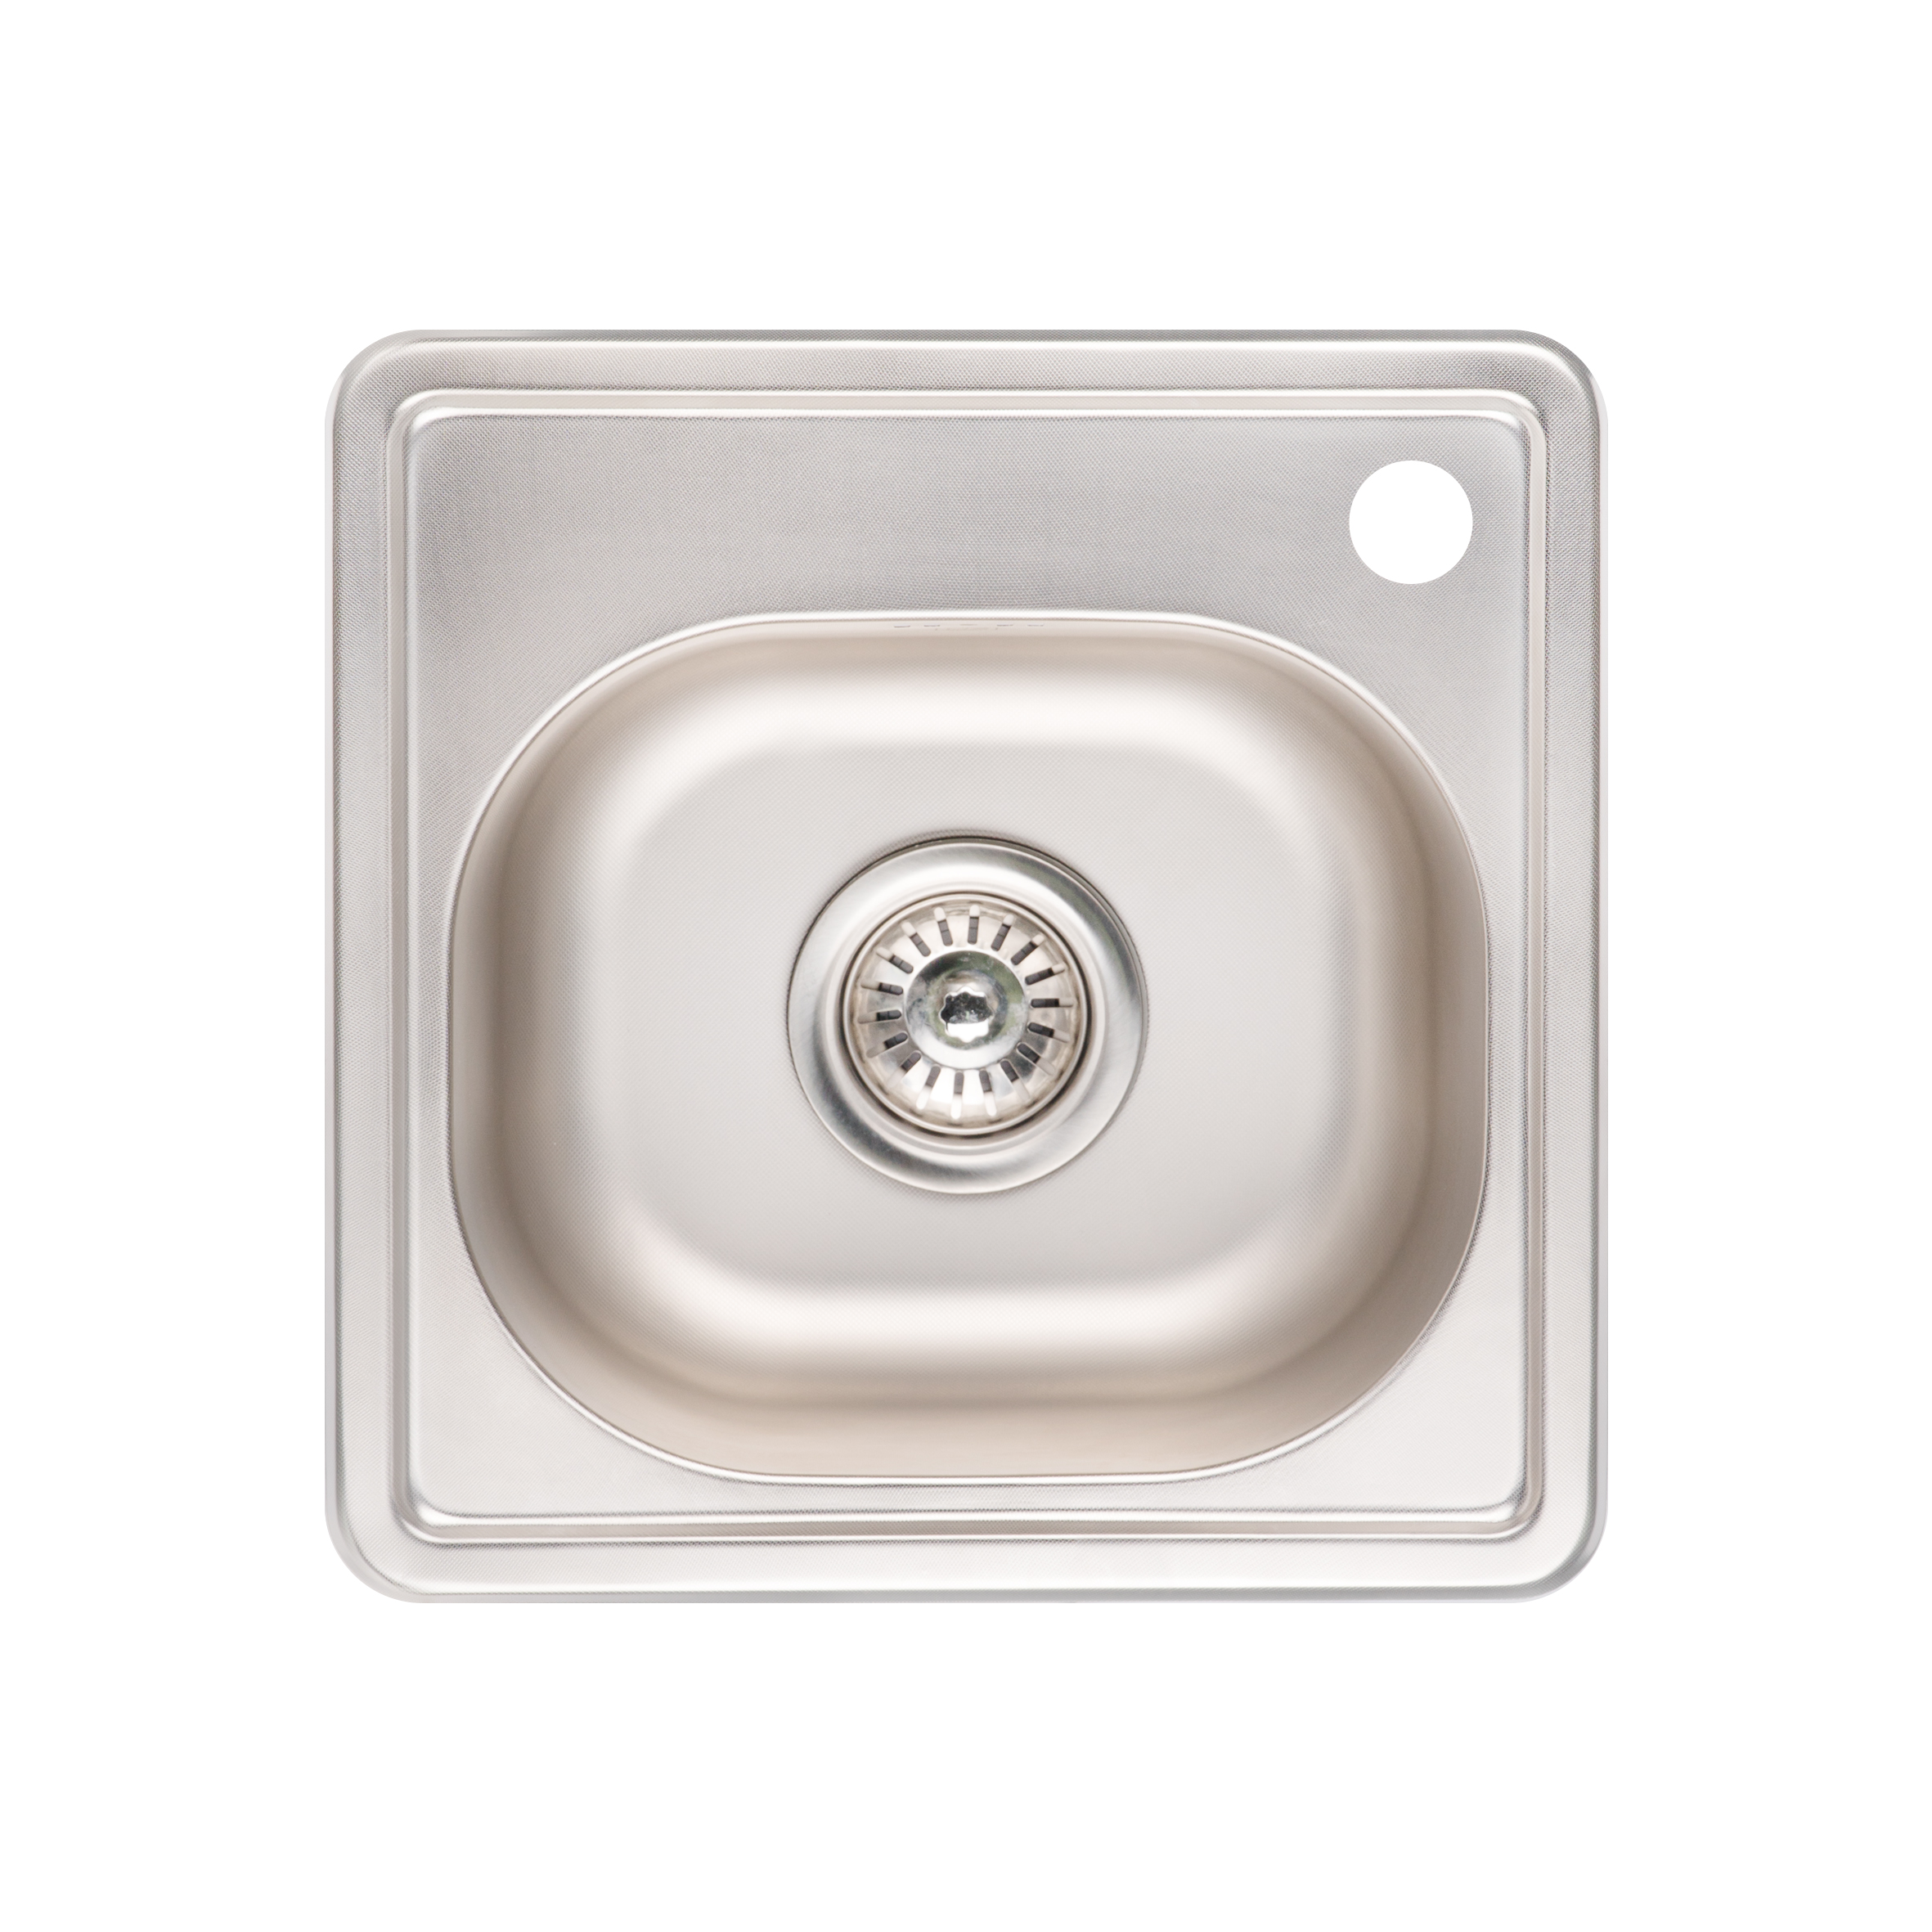 Кухонная мойка Lidz 3838 Micro Decor 0.6мм (LIDZ3838MDEC06)